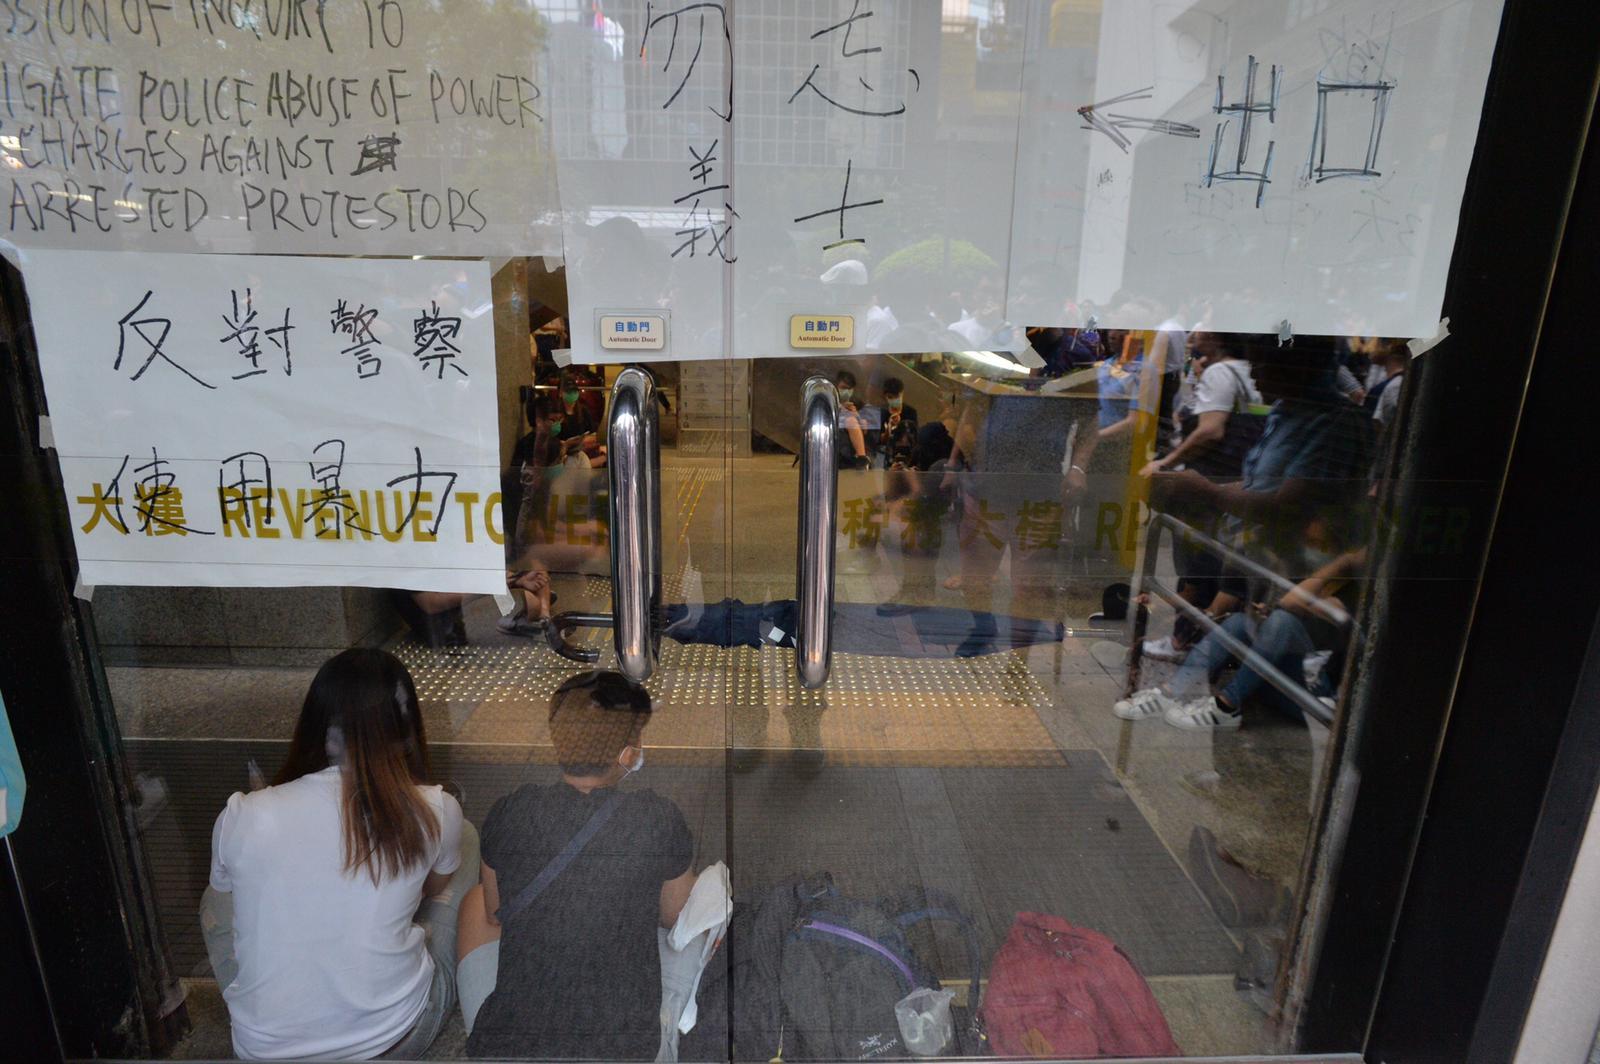 示威者佔據稅務大樓大堂阻礙市民及職員進出。